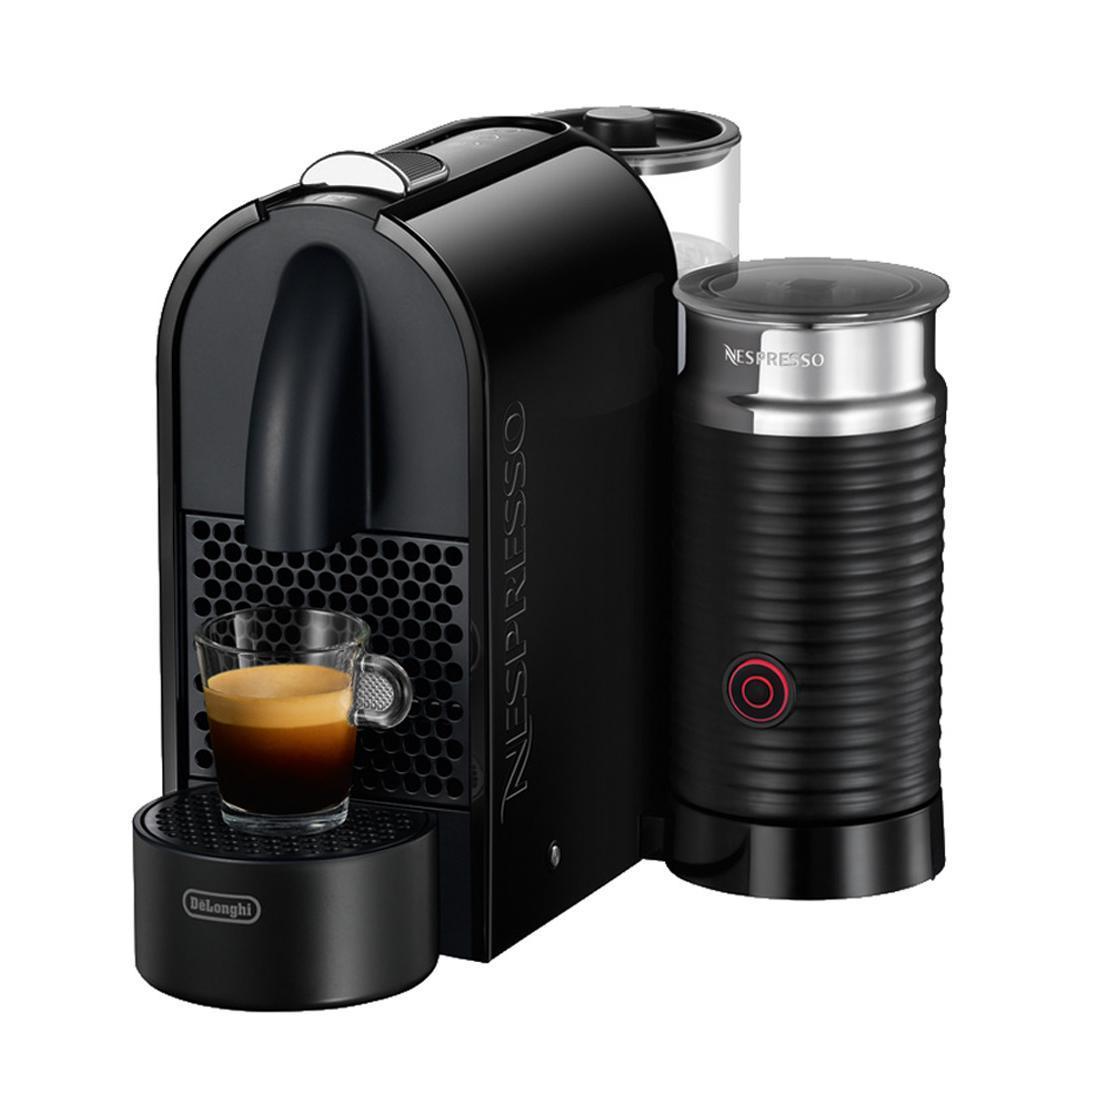 DeLonghi EN 210.BAE Nespresso кофеварка - Кофеварки и кофемашины